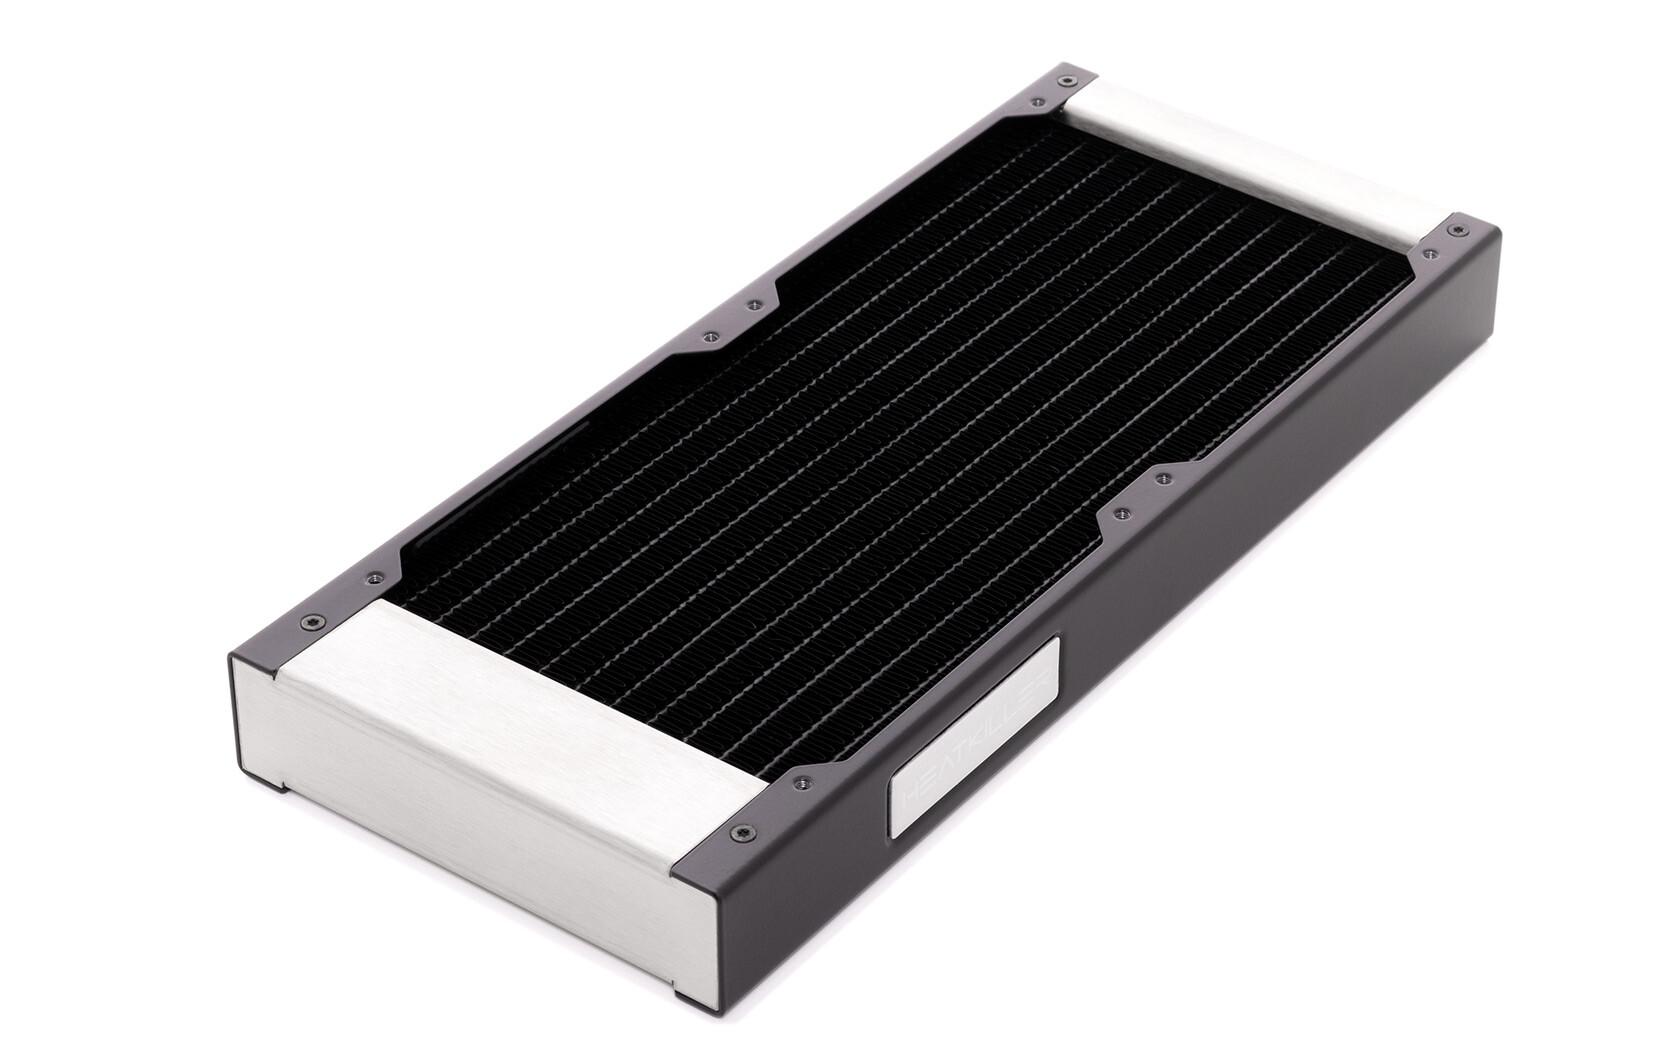 Watercool présente ces nouveaux radiateurs Heatkiller Rad 240 S Noir